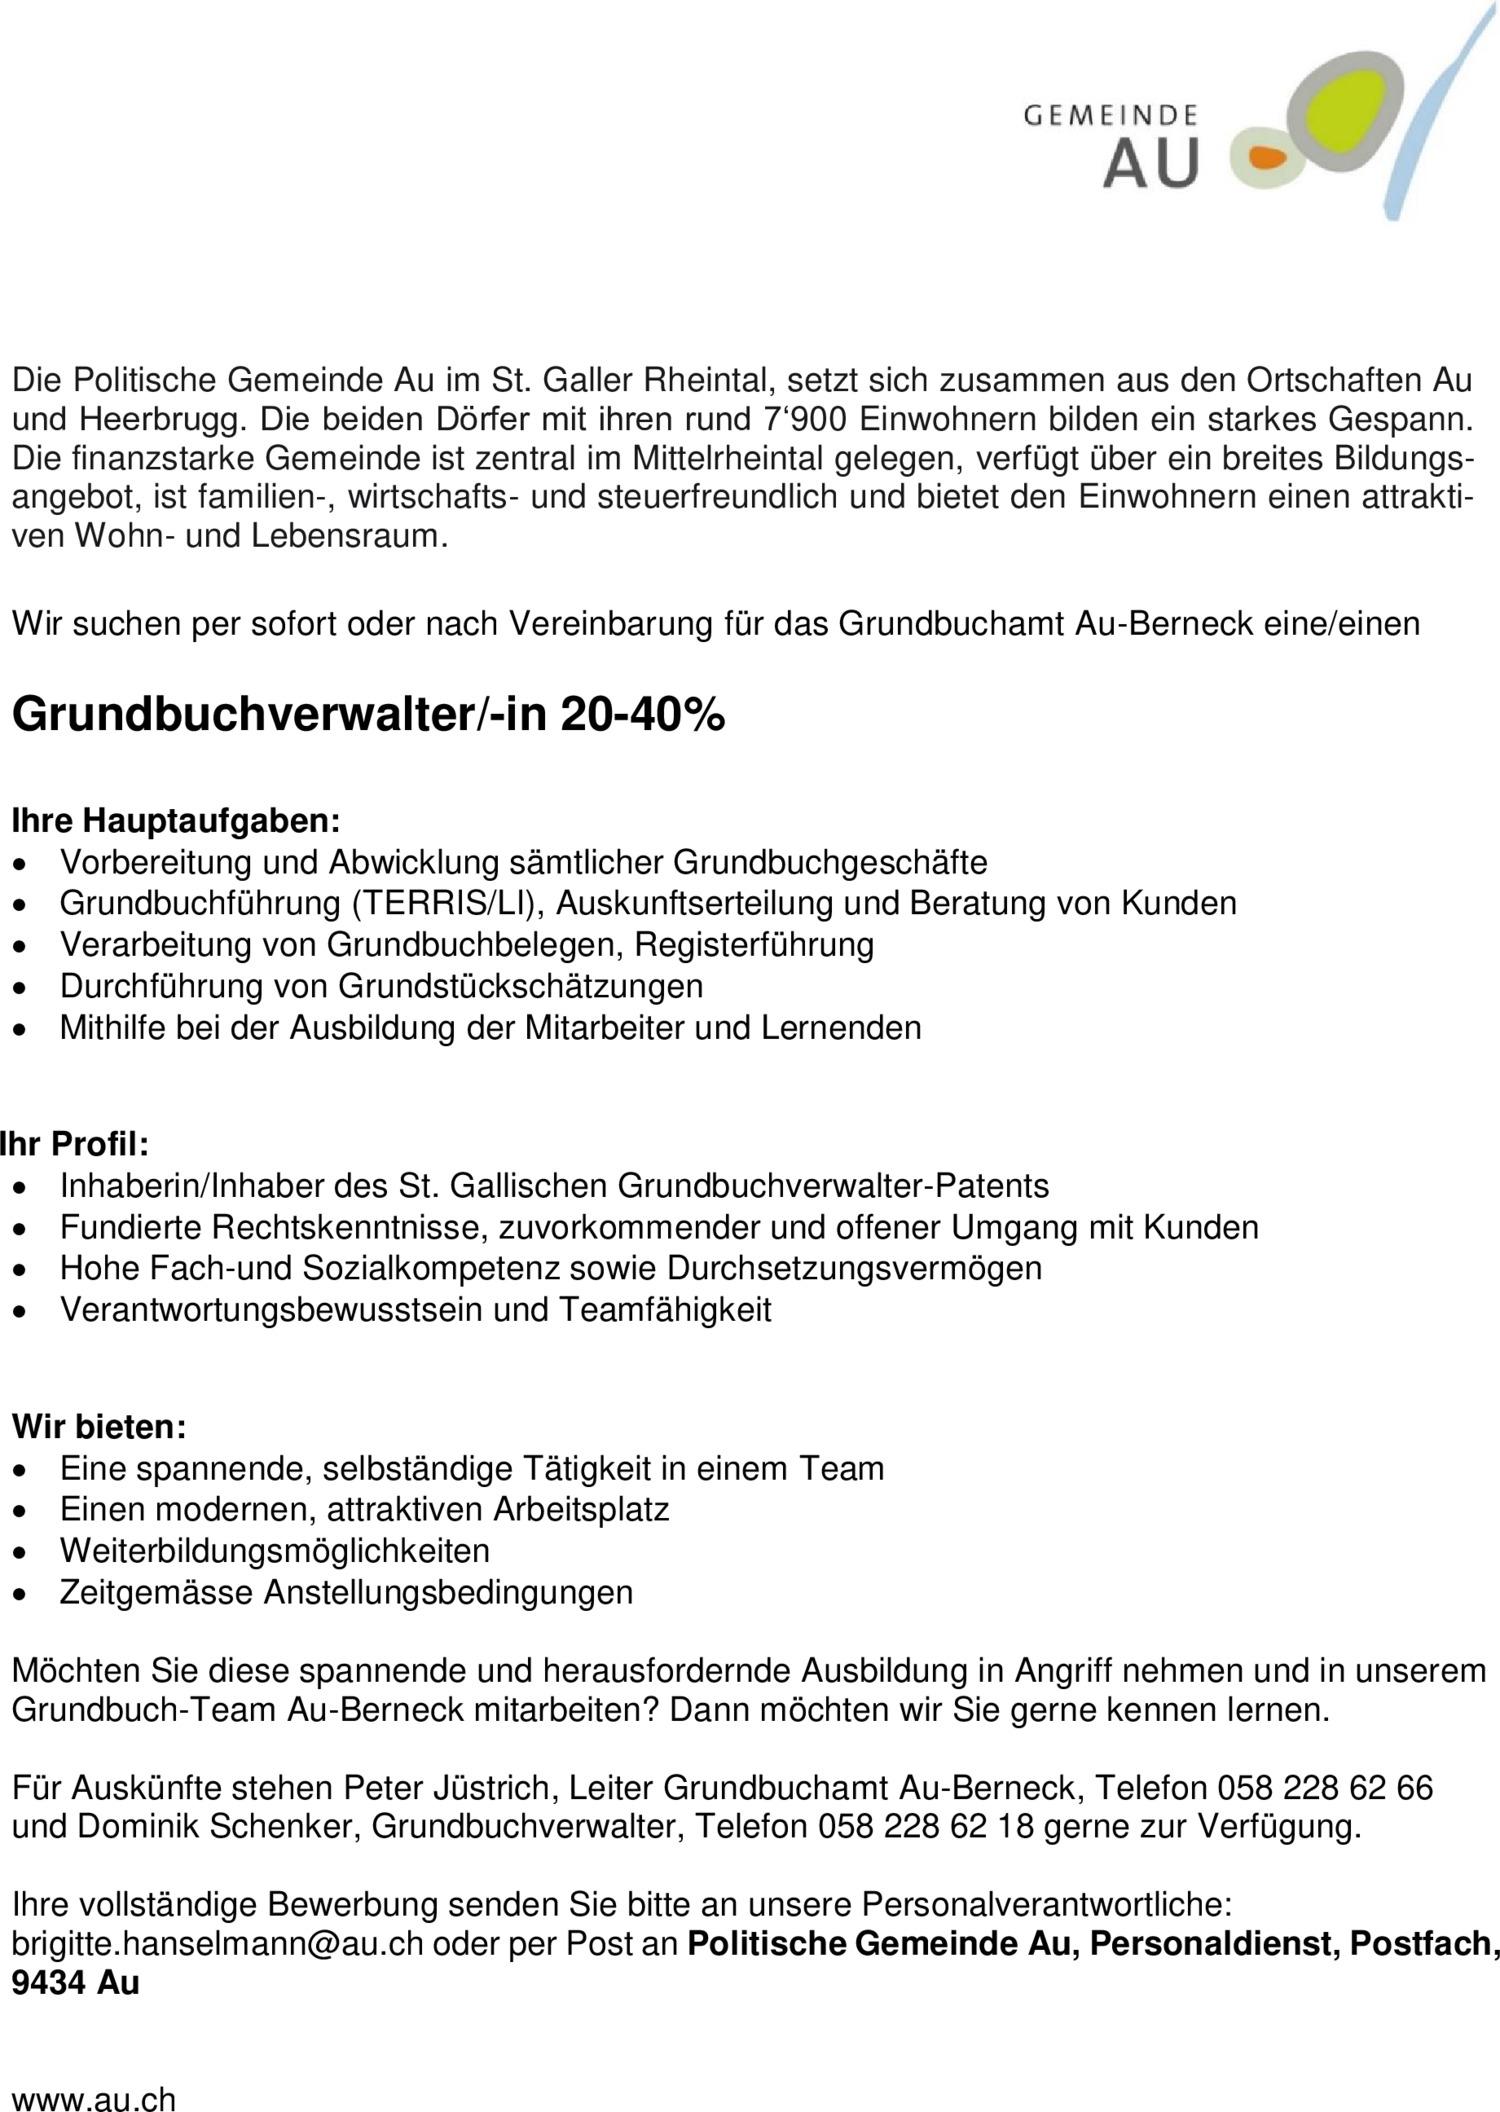 Inserat Grundbuchverwalter/-in 20-40%